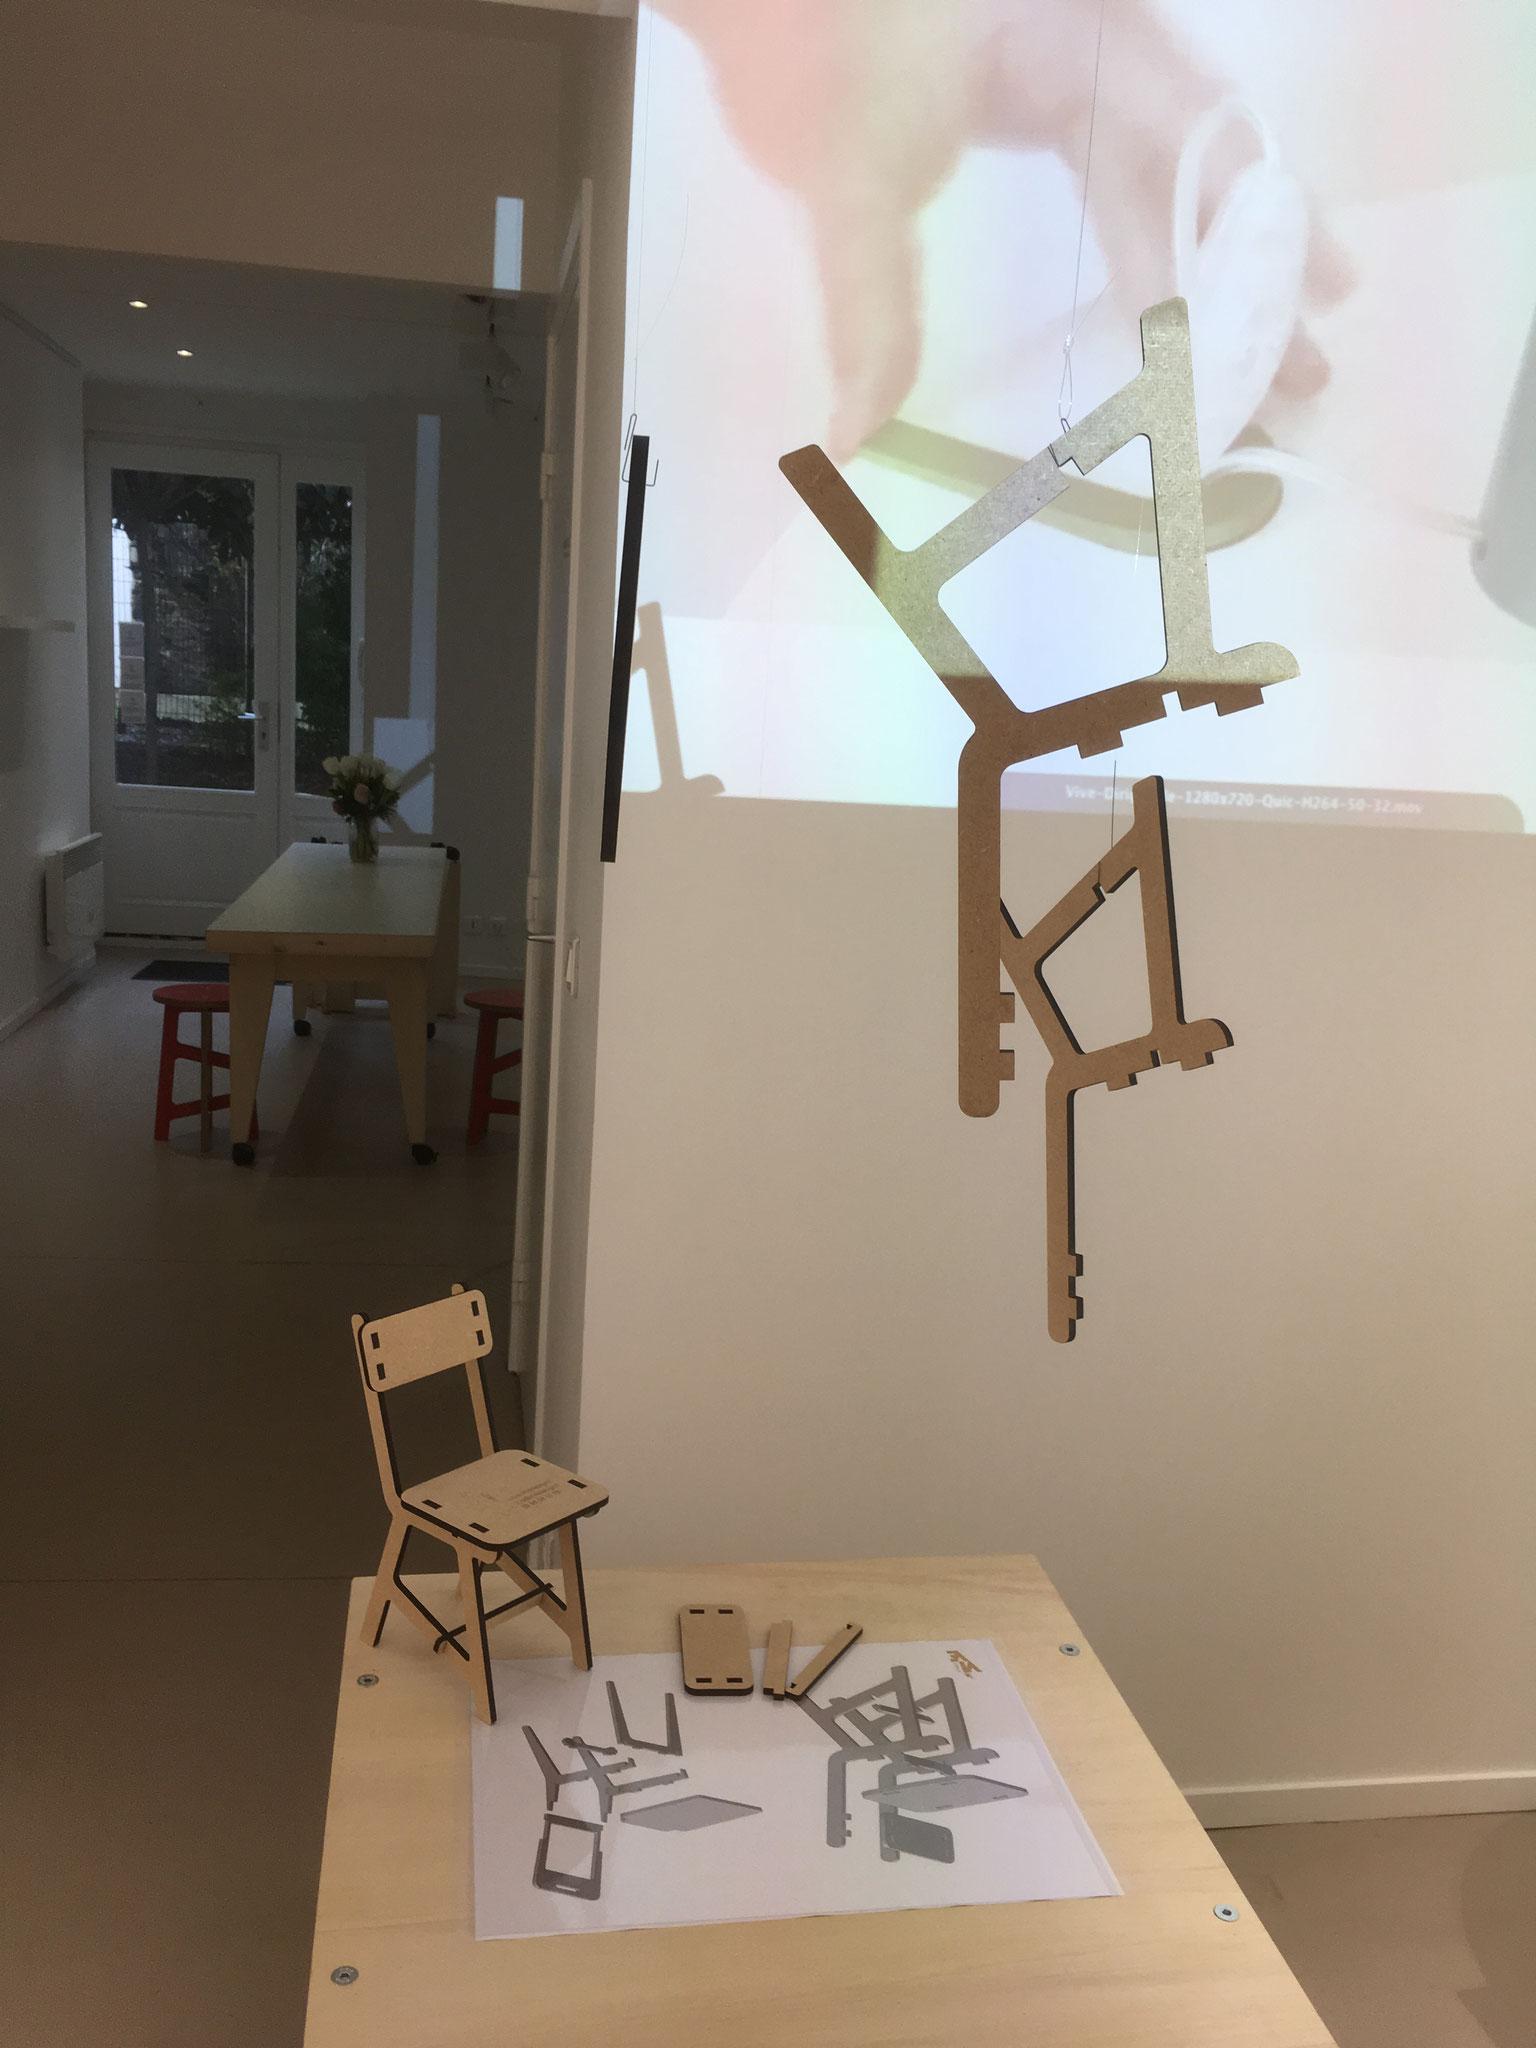 animation montage-démontage, chaise échelle réduite